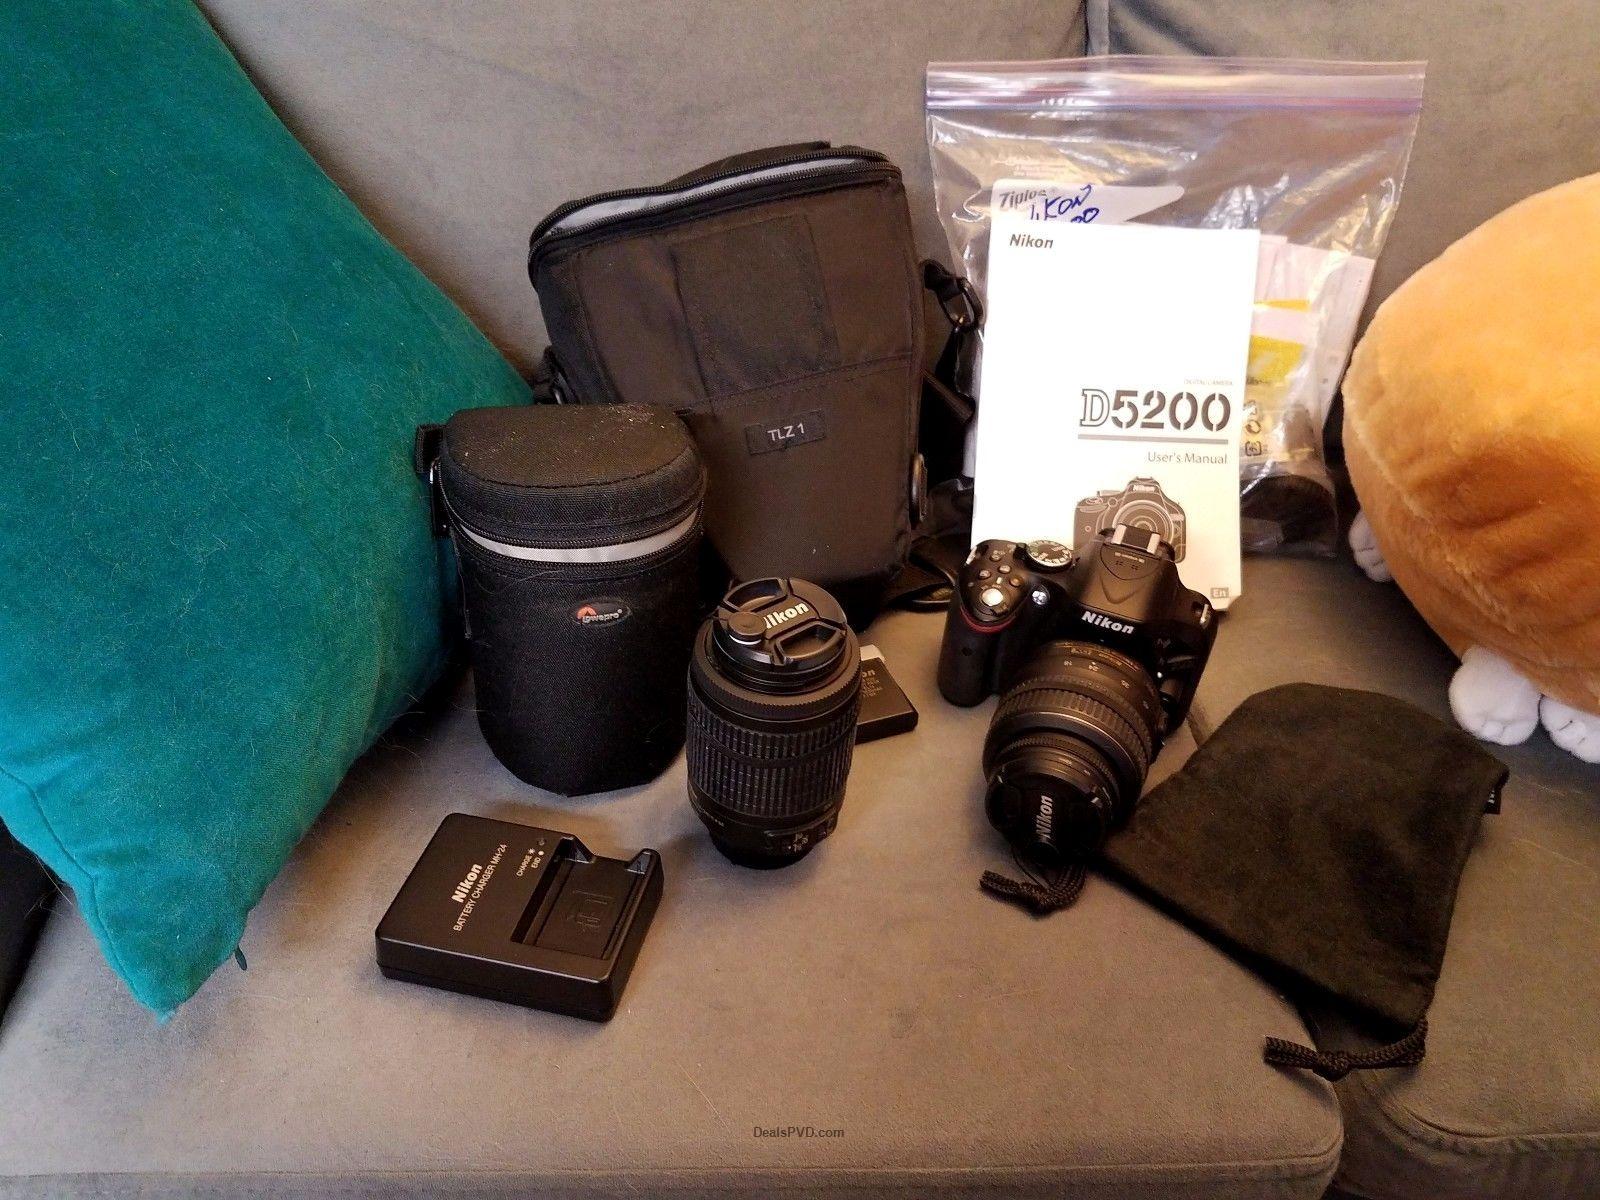 Nikon D5200 DSLR Camera 18-55mm & telephoto $425.00 https://wp.me/p3bv3h-hnw